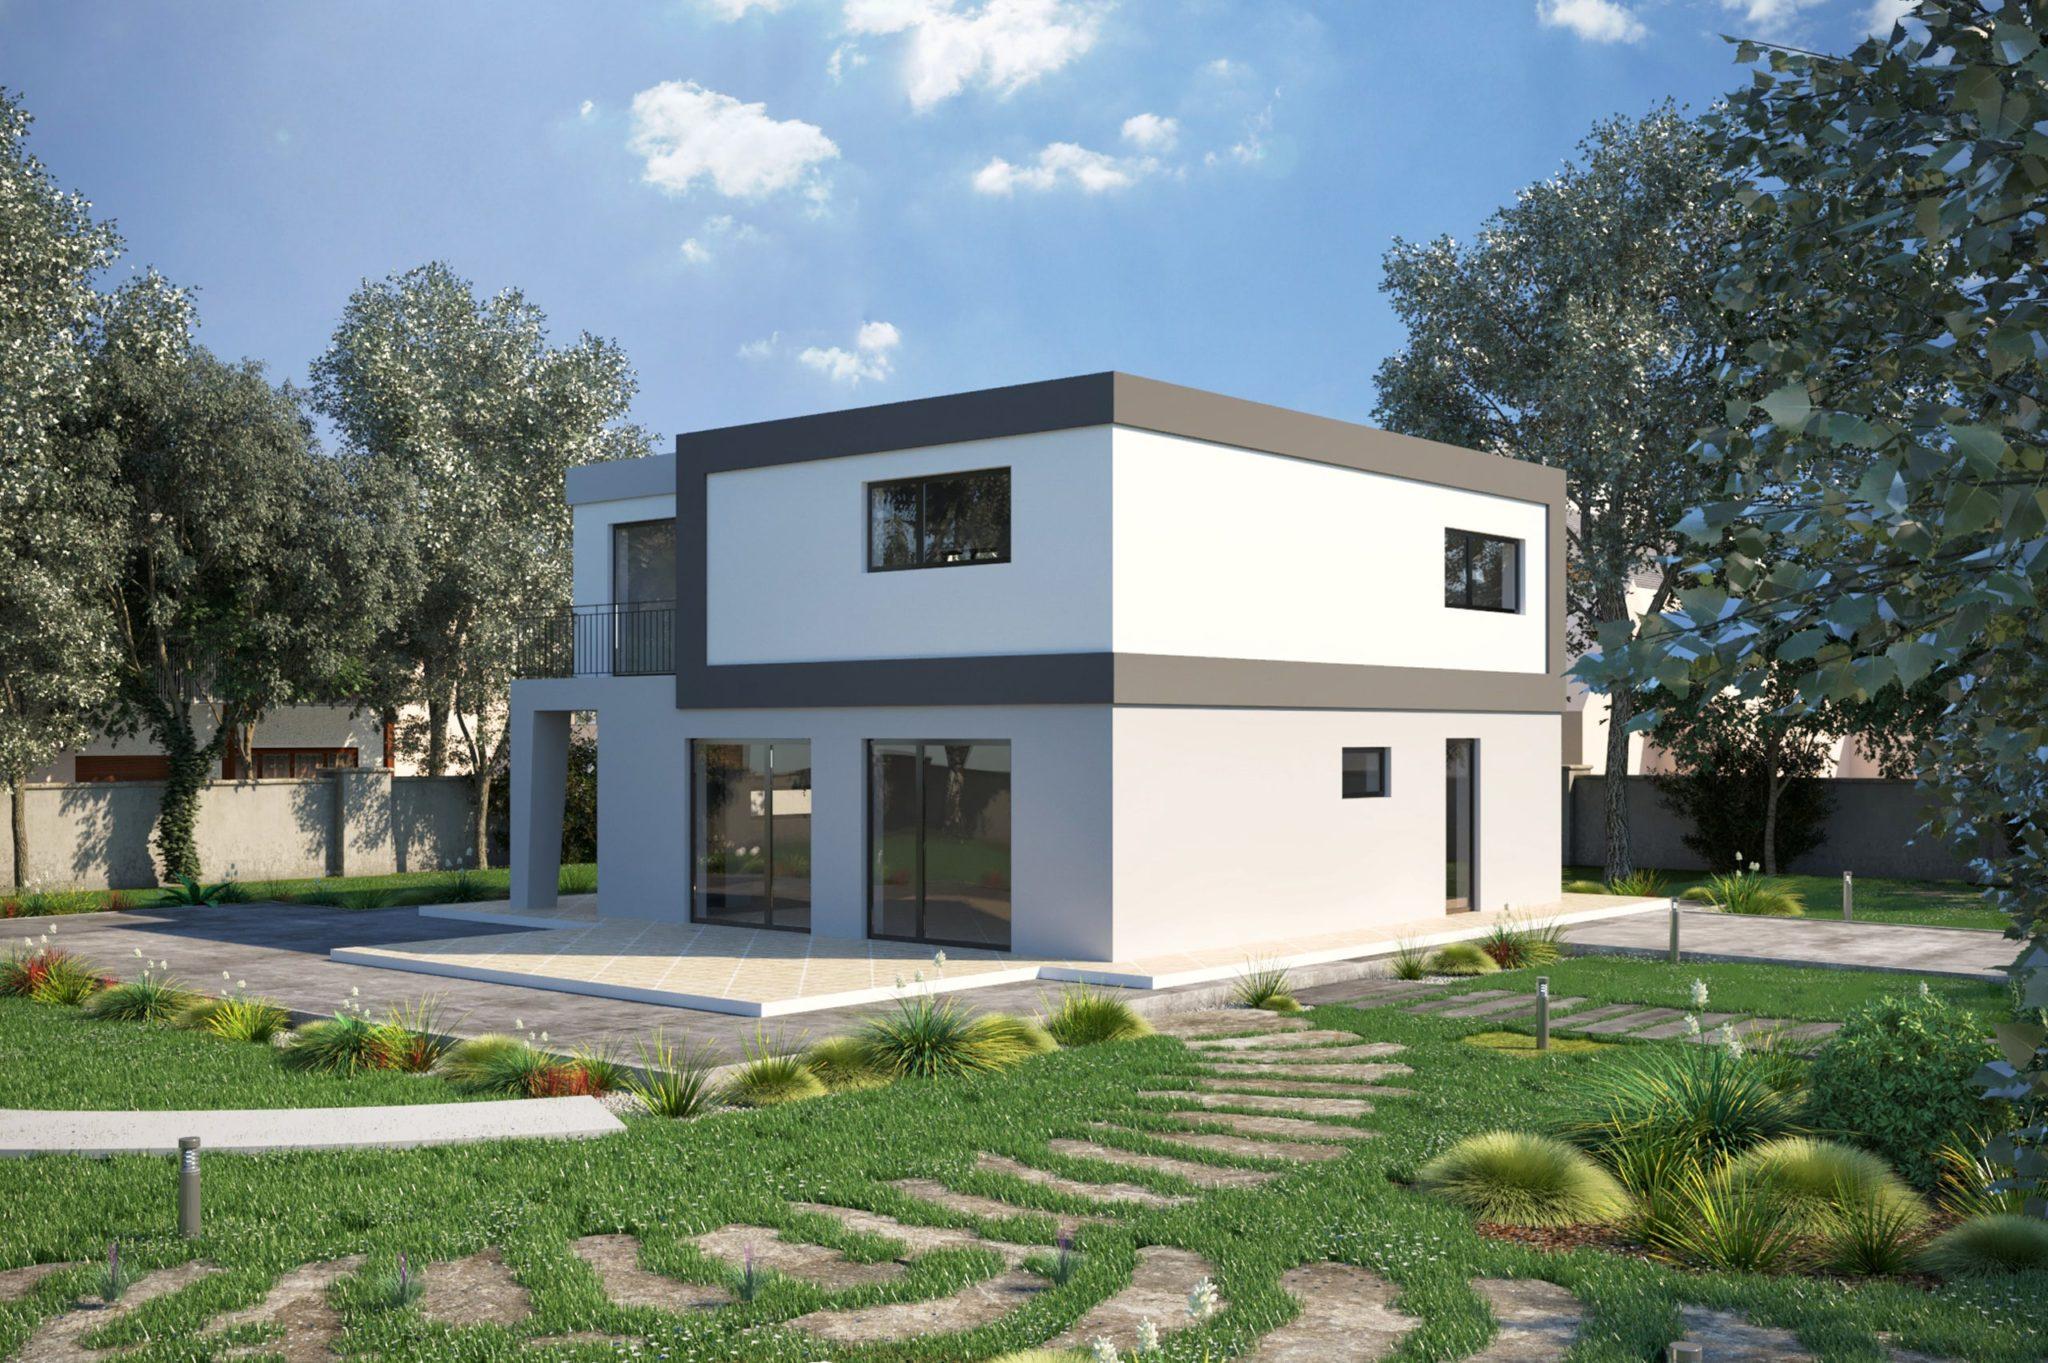 Maison En Bois 150 M2 La Foca House